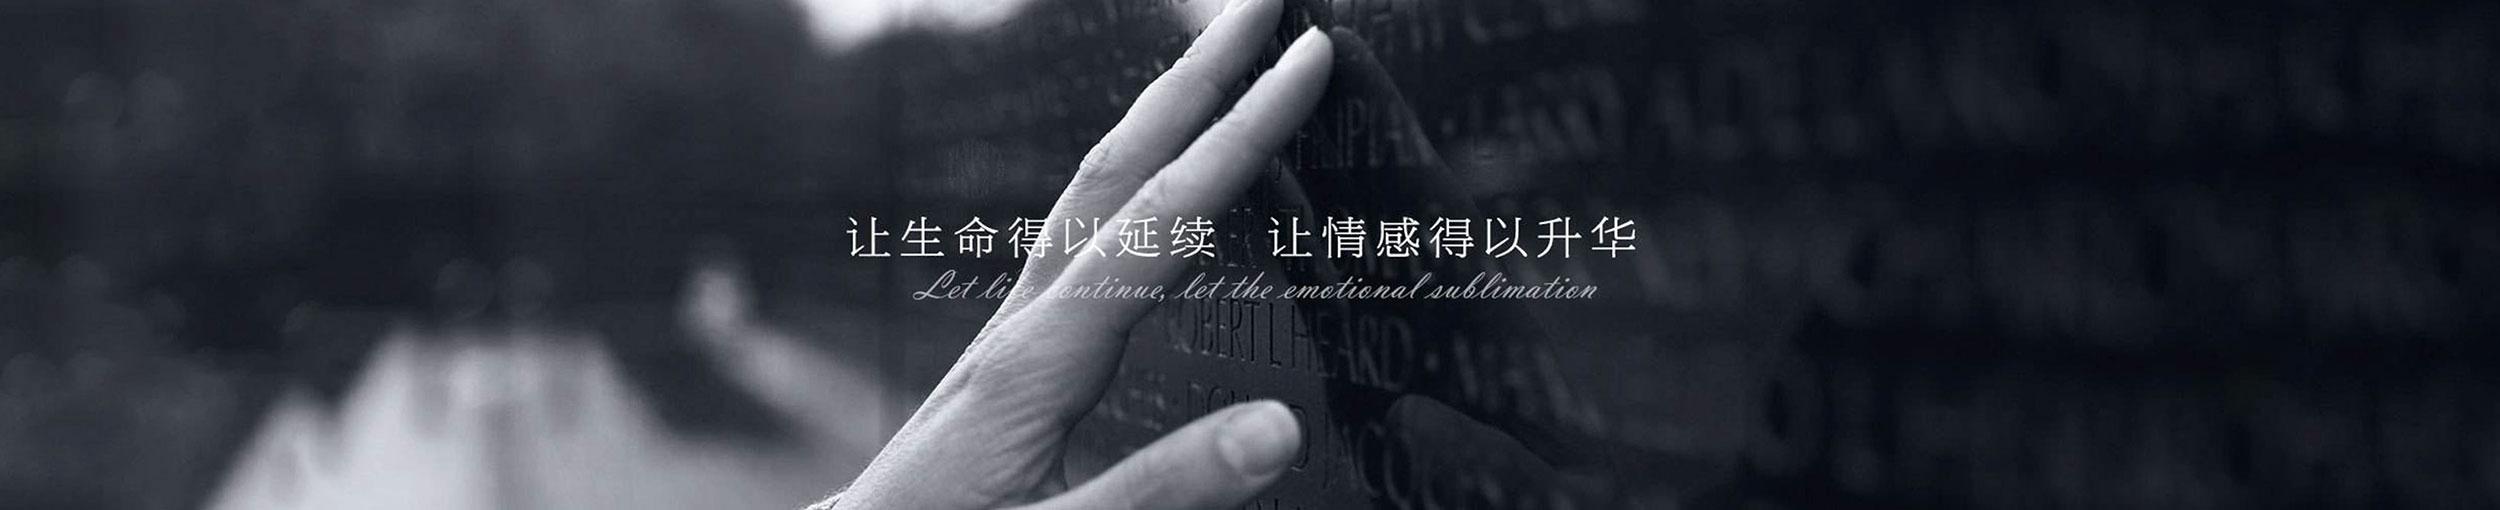 武汉龙泉山孝恩园